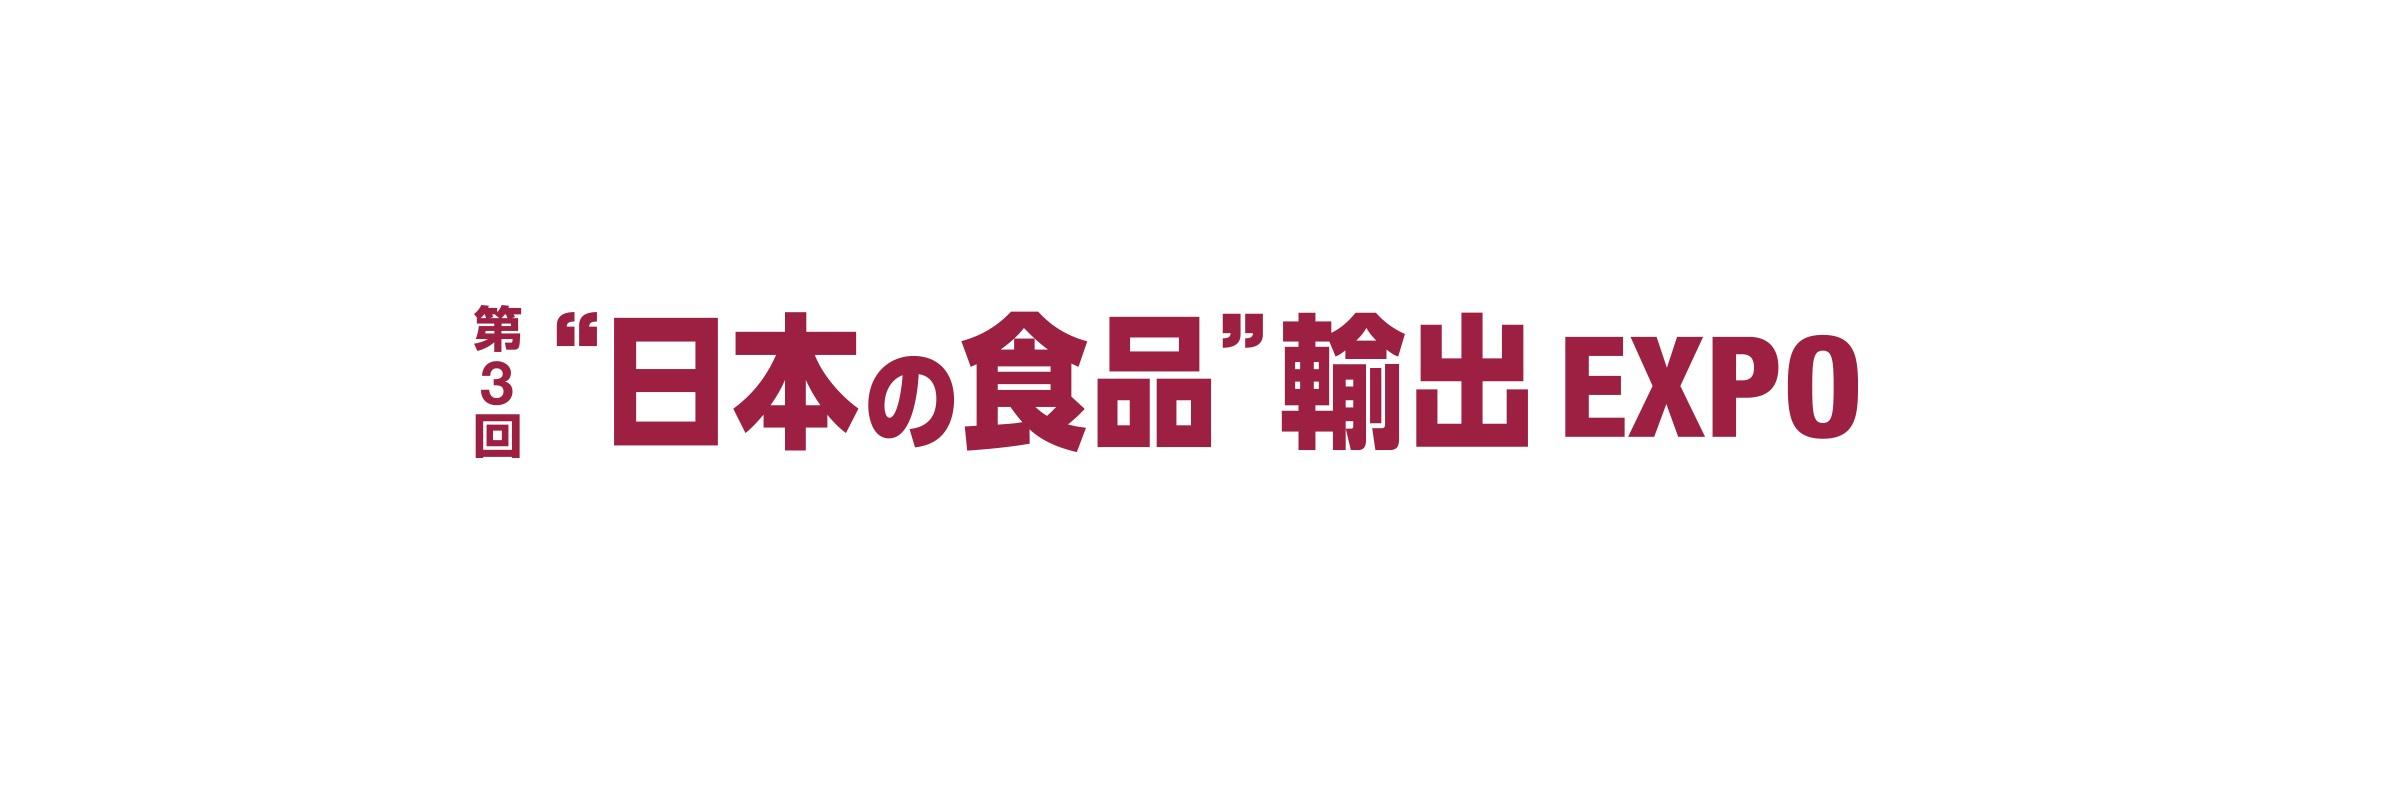 日本の食品輸出エキスポ